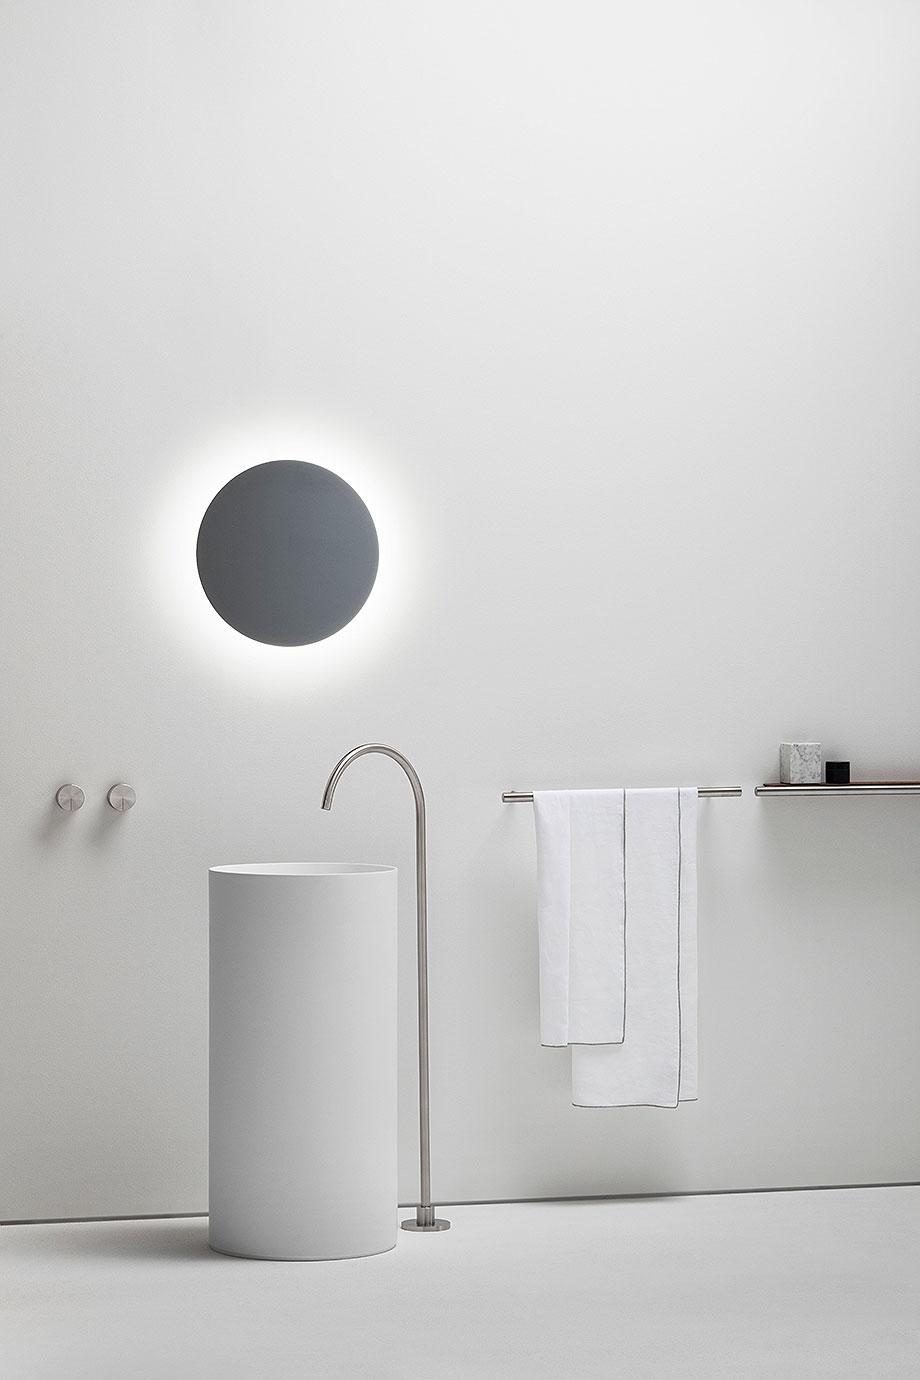 accesorios para baño cilindro de victor vasilev para falper (2) - foto alberto strada